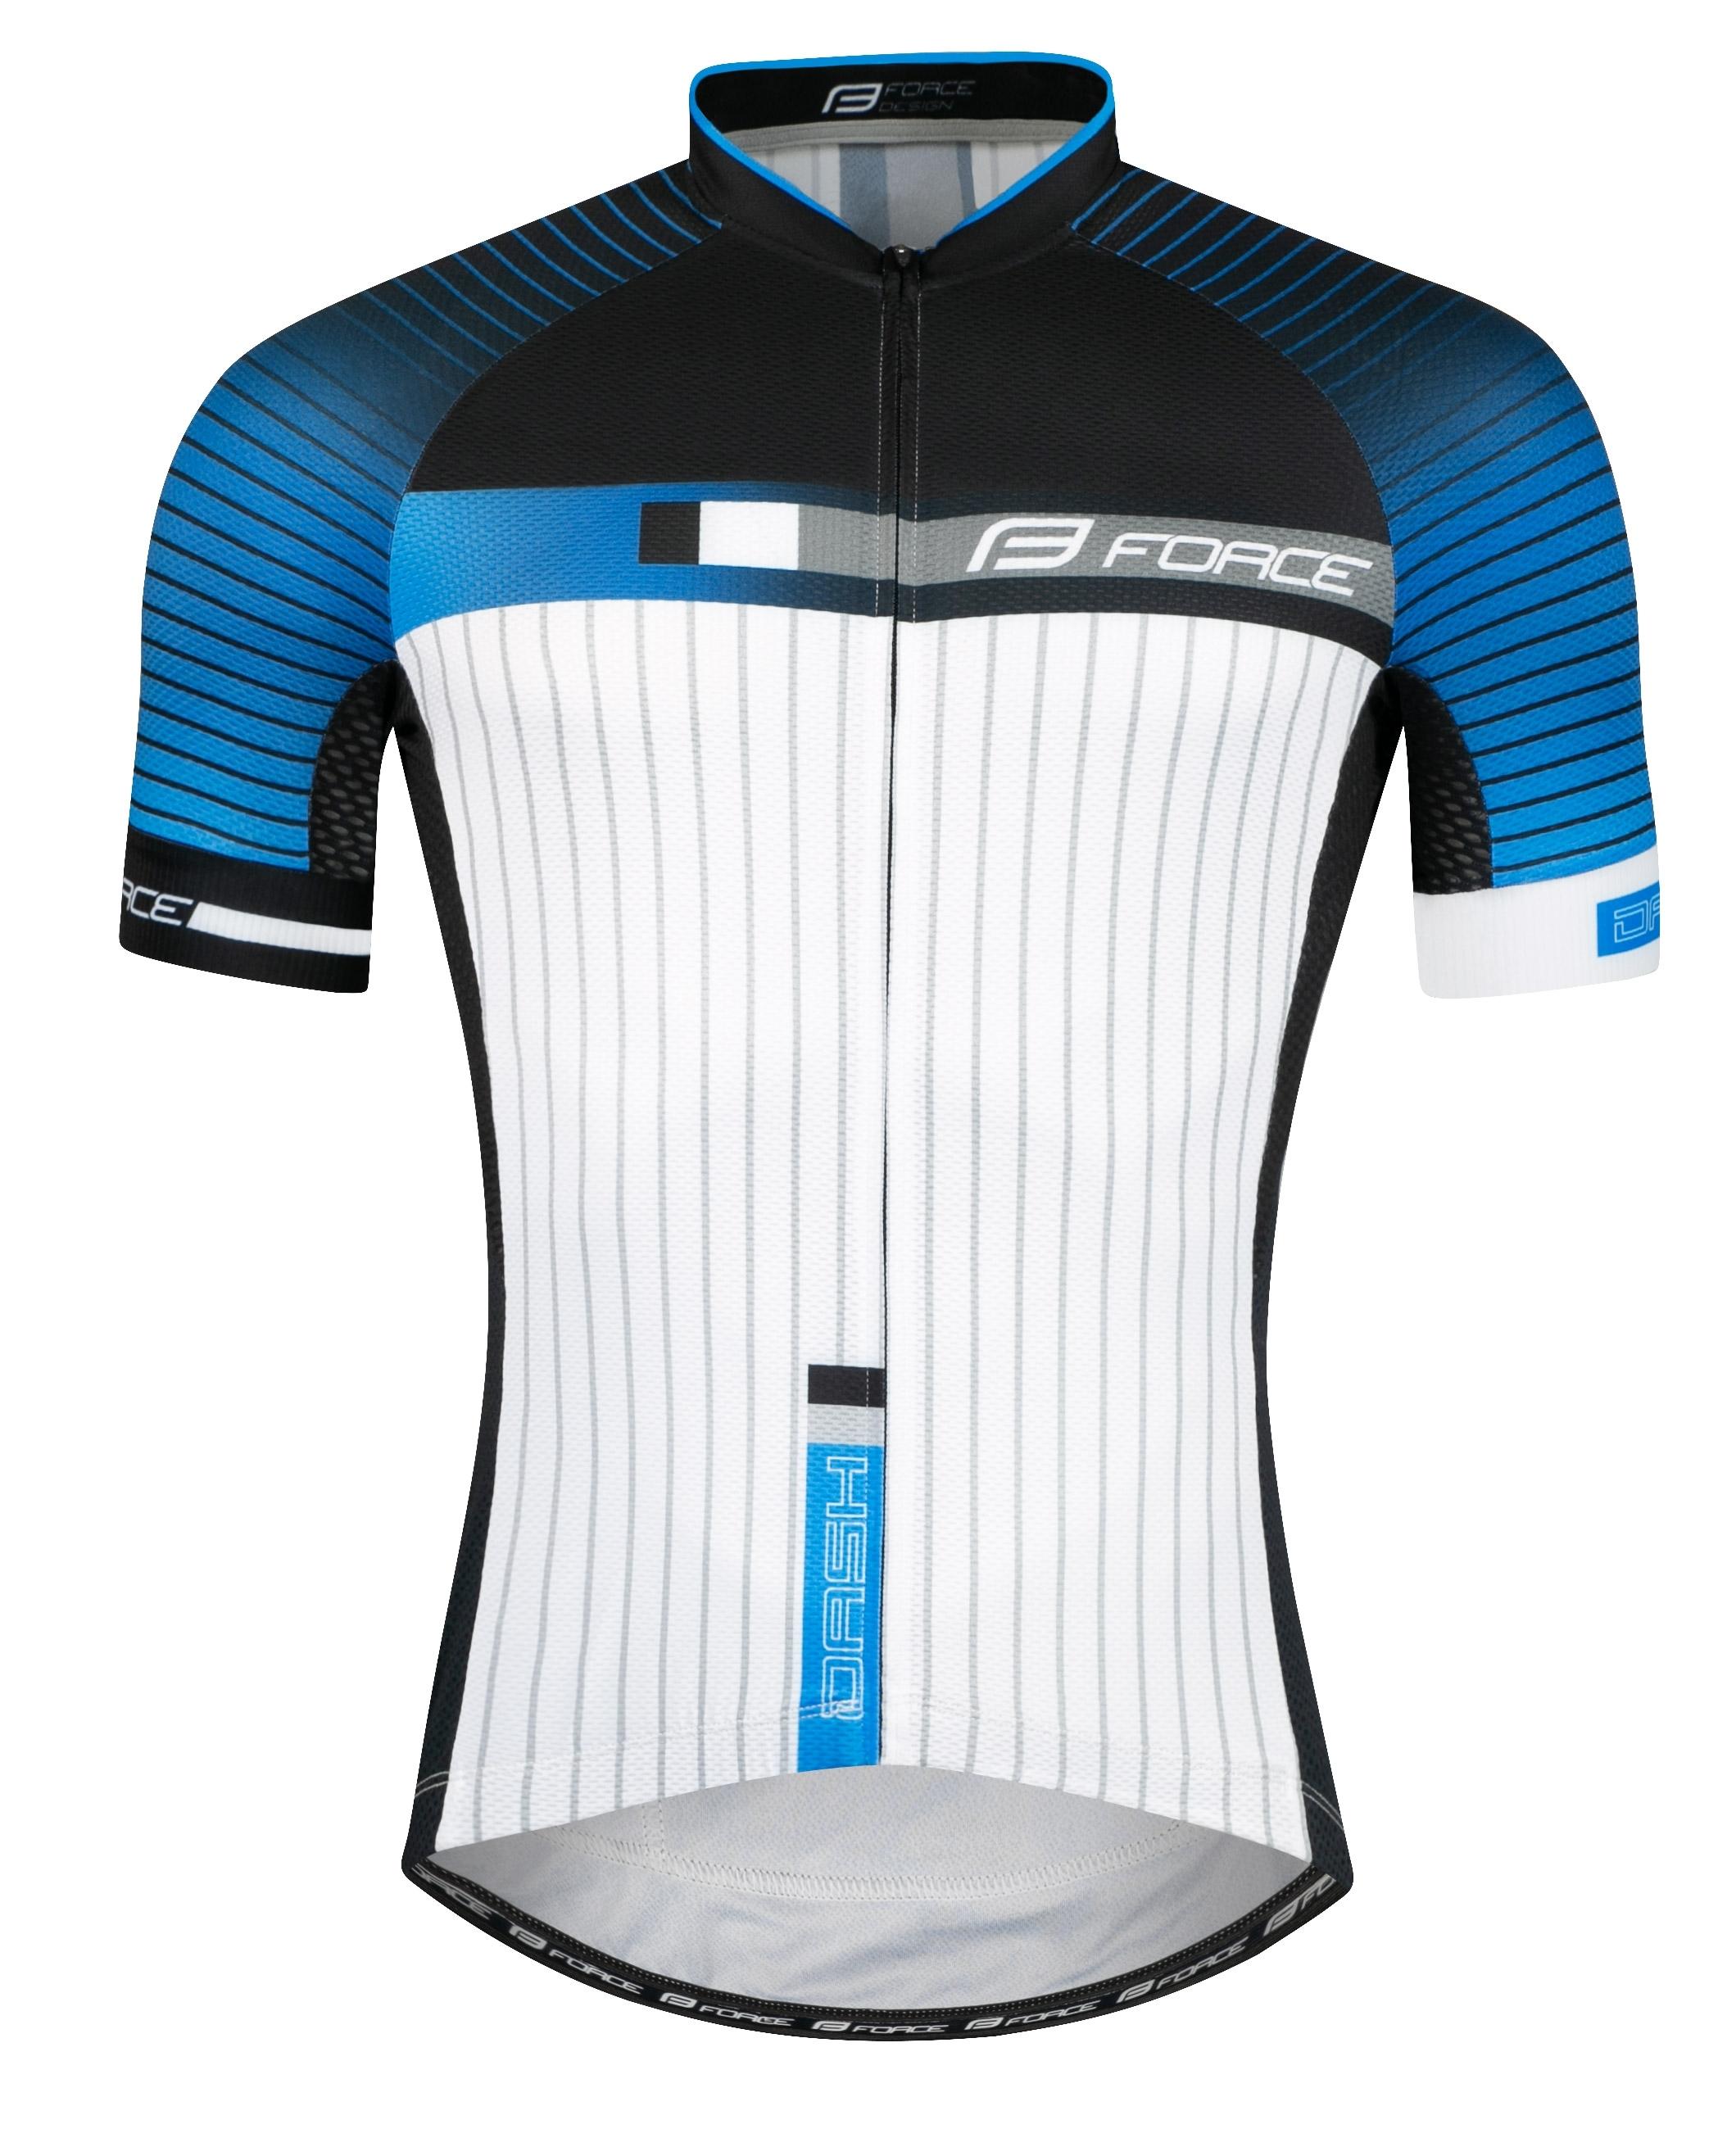 dres FORCE DASH krátký rukáv,modro-černo-bílý XL